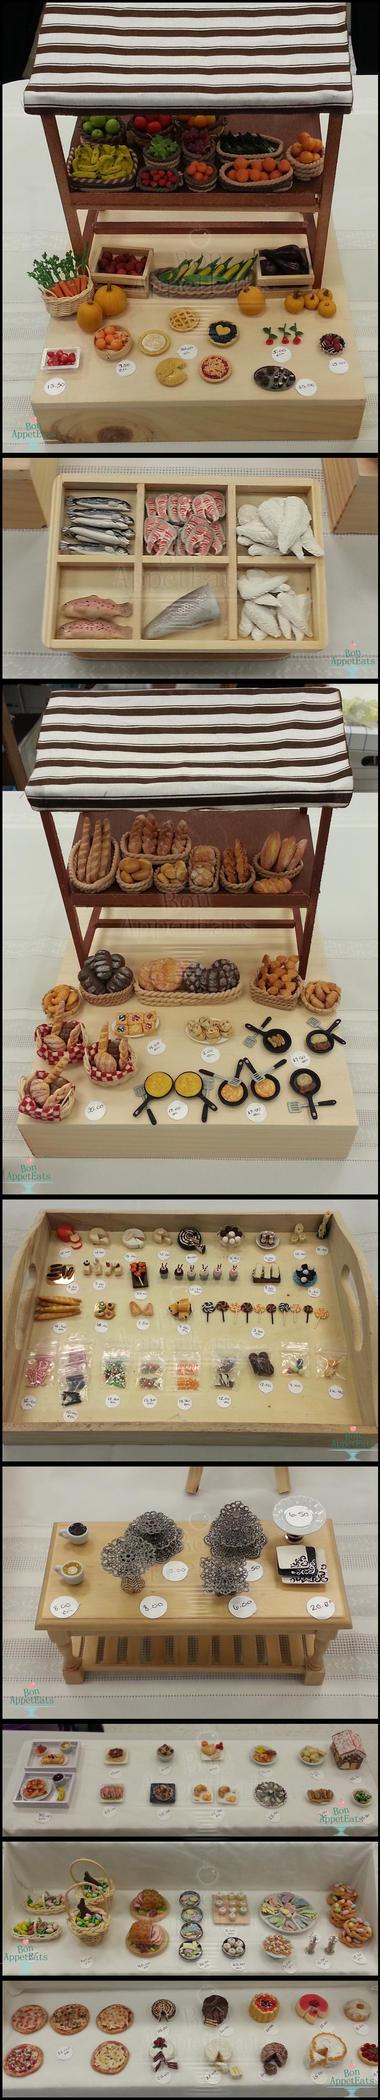 Miniature Show Table Details by Bon-AppetEats